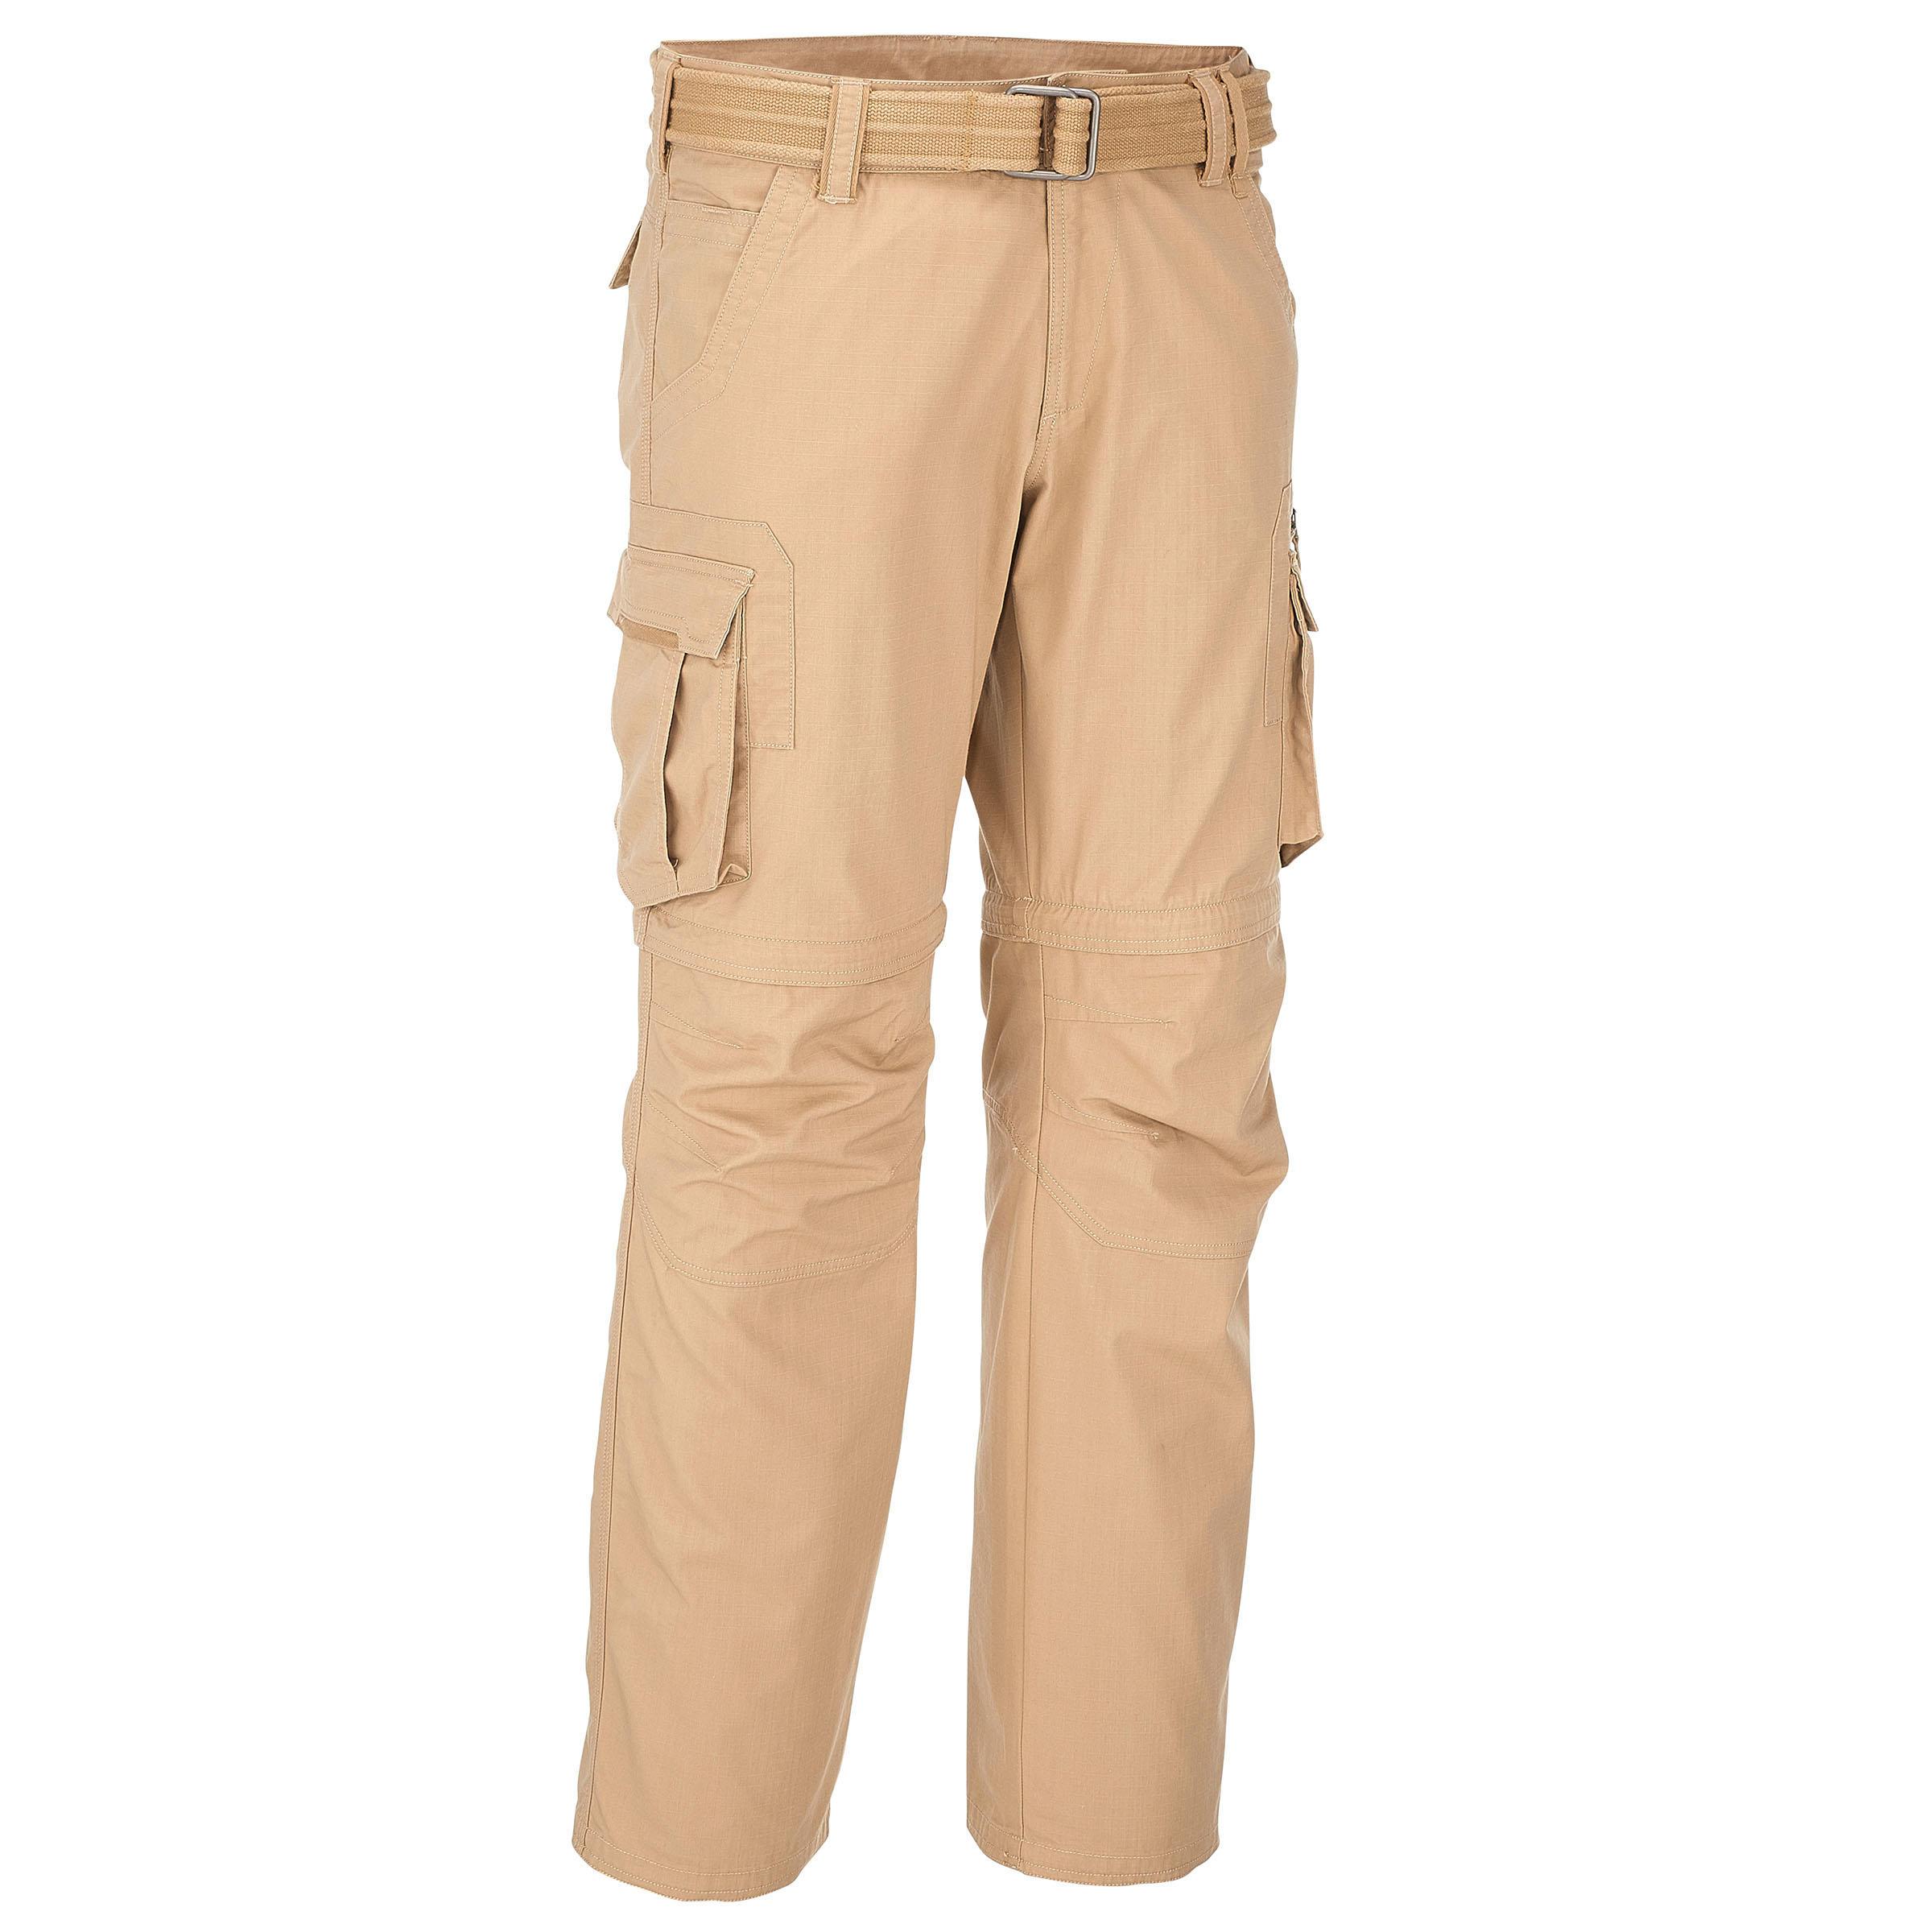 Men's Arpenaz 500 Modular Beige Trekking Pants